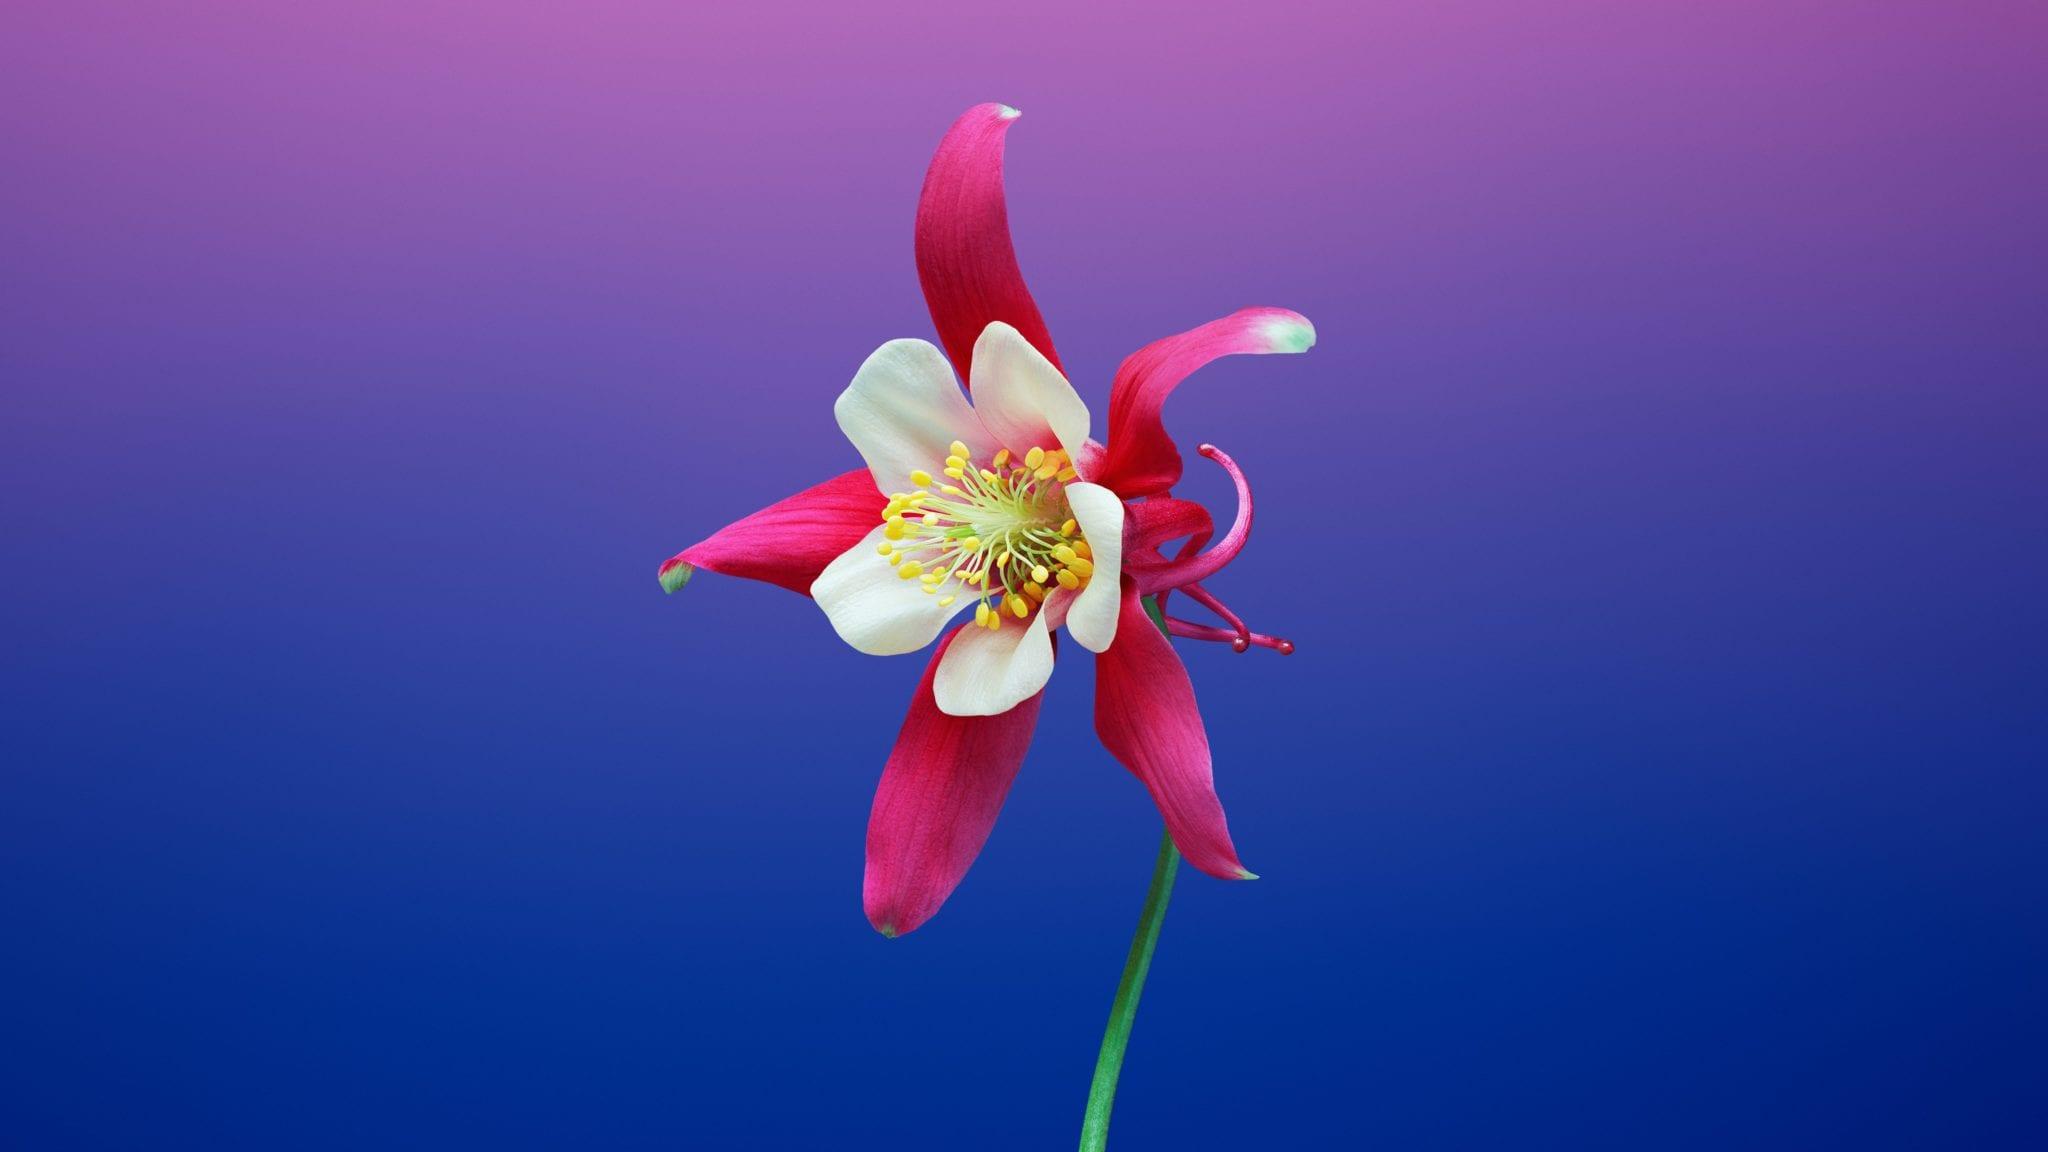 Flower 6 - Stiahnite si vyše 20 nových pozadí z macOS Mojave